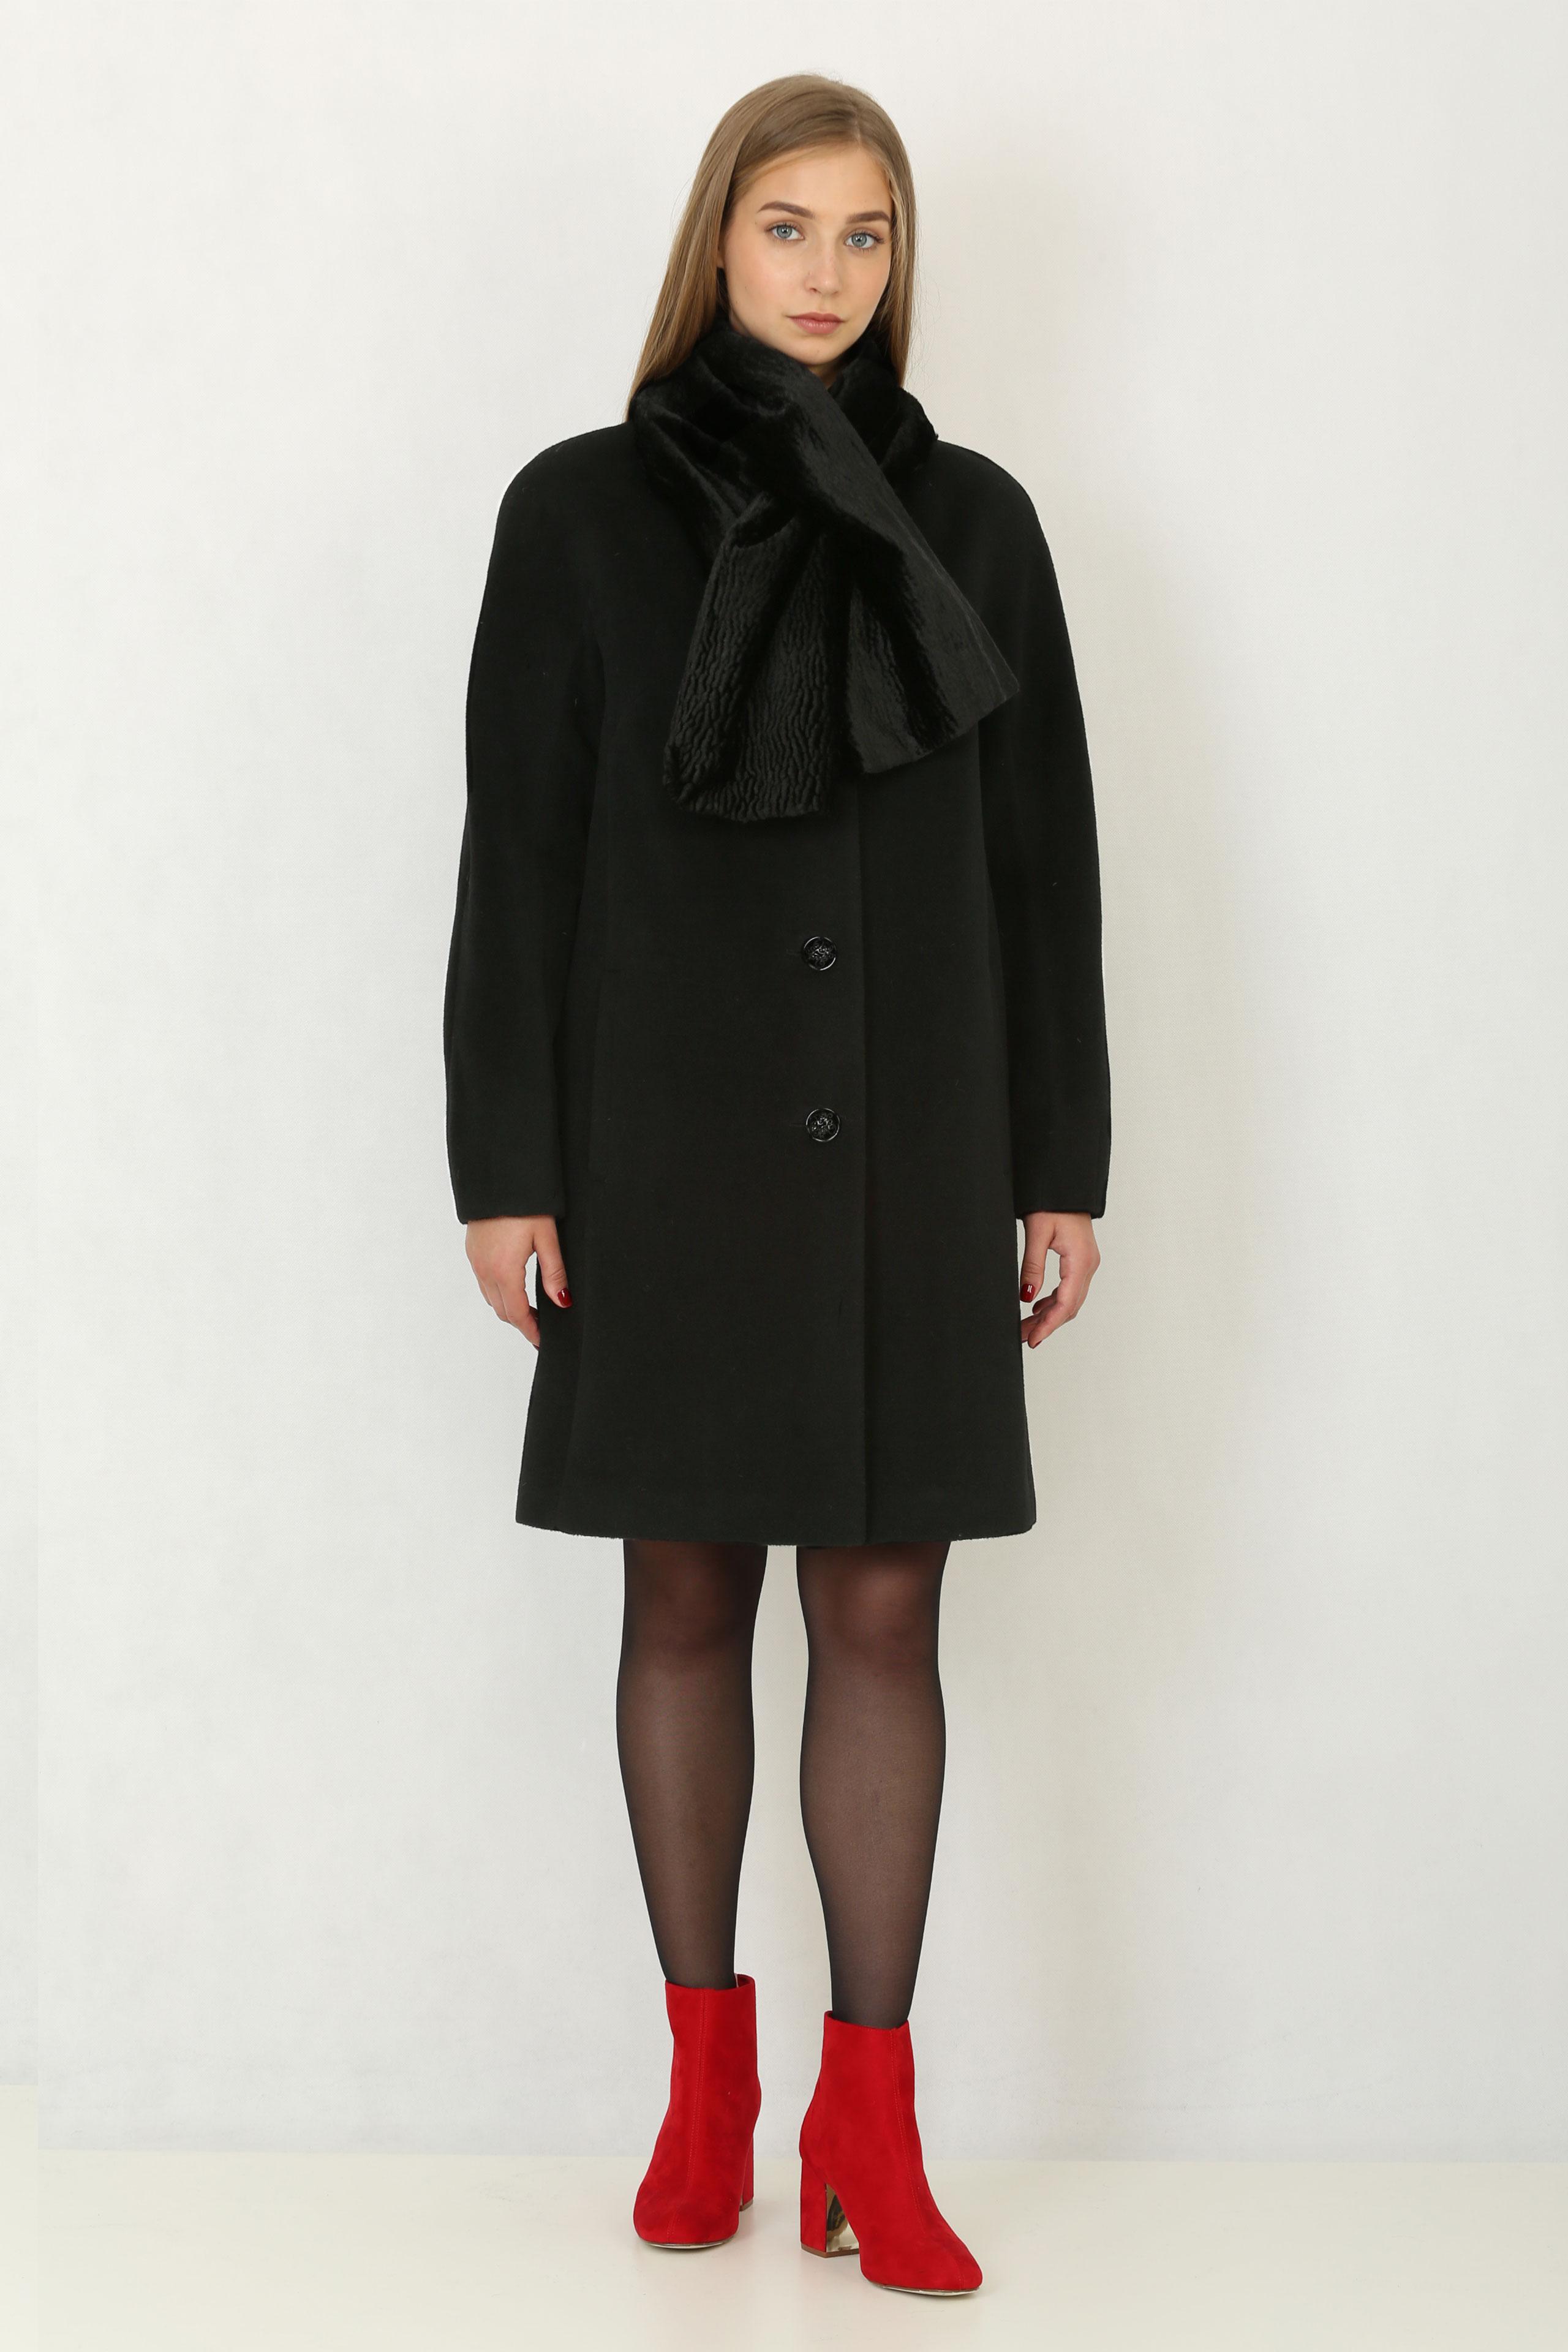 Купить со скидкой Женское пальто с капюшоном, без отделки